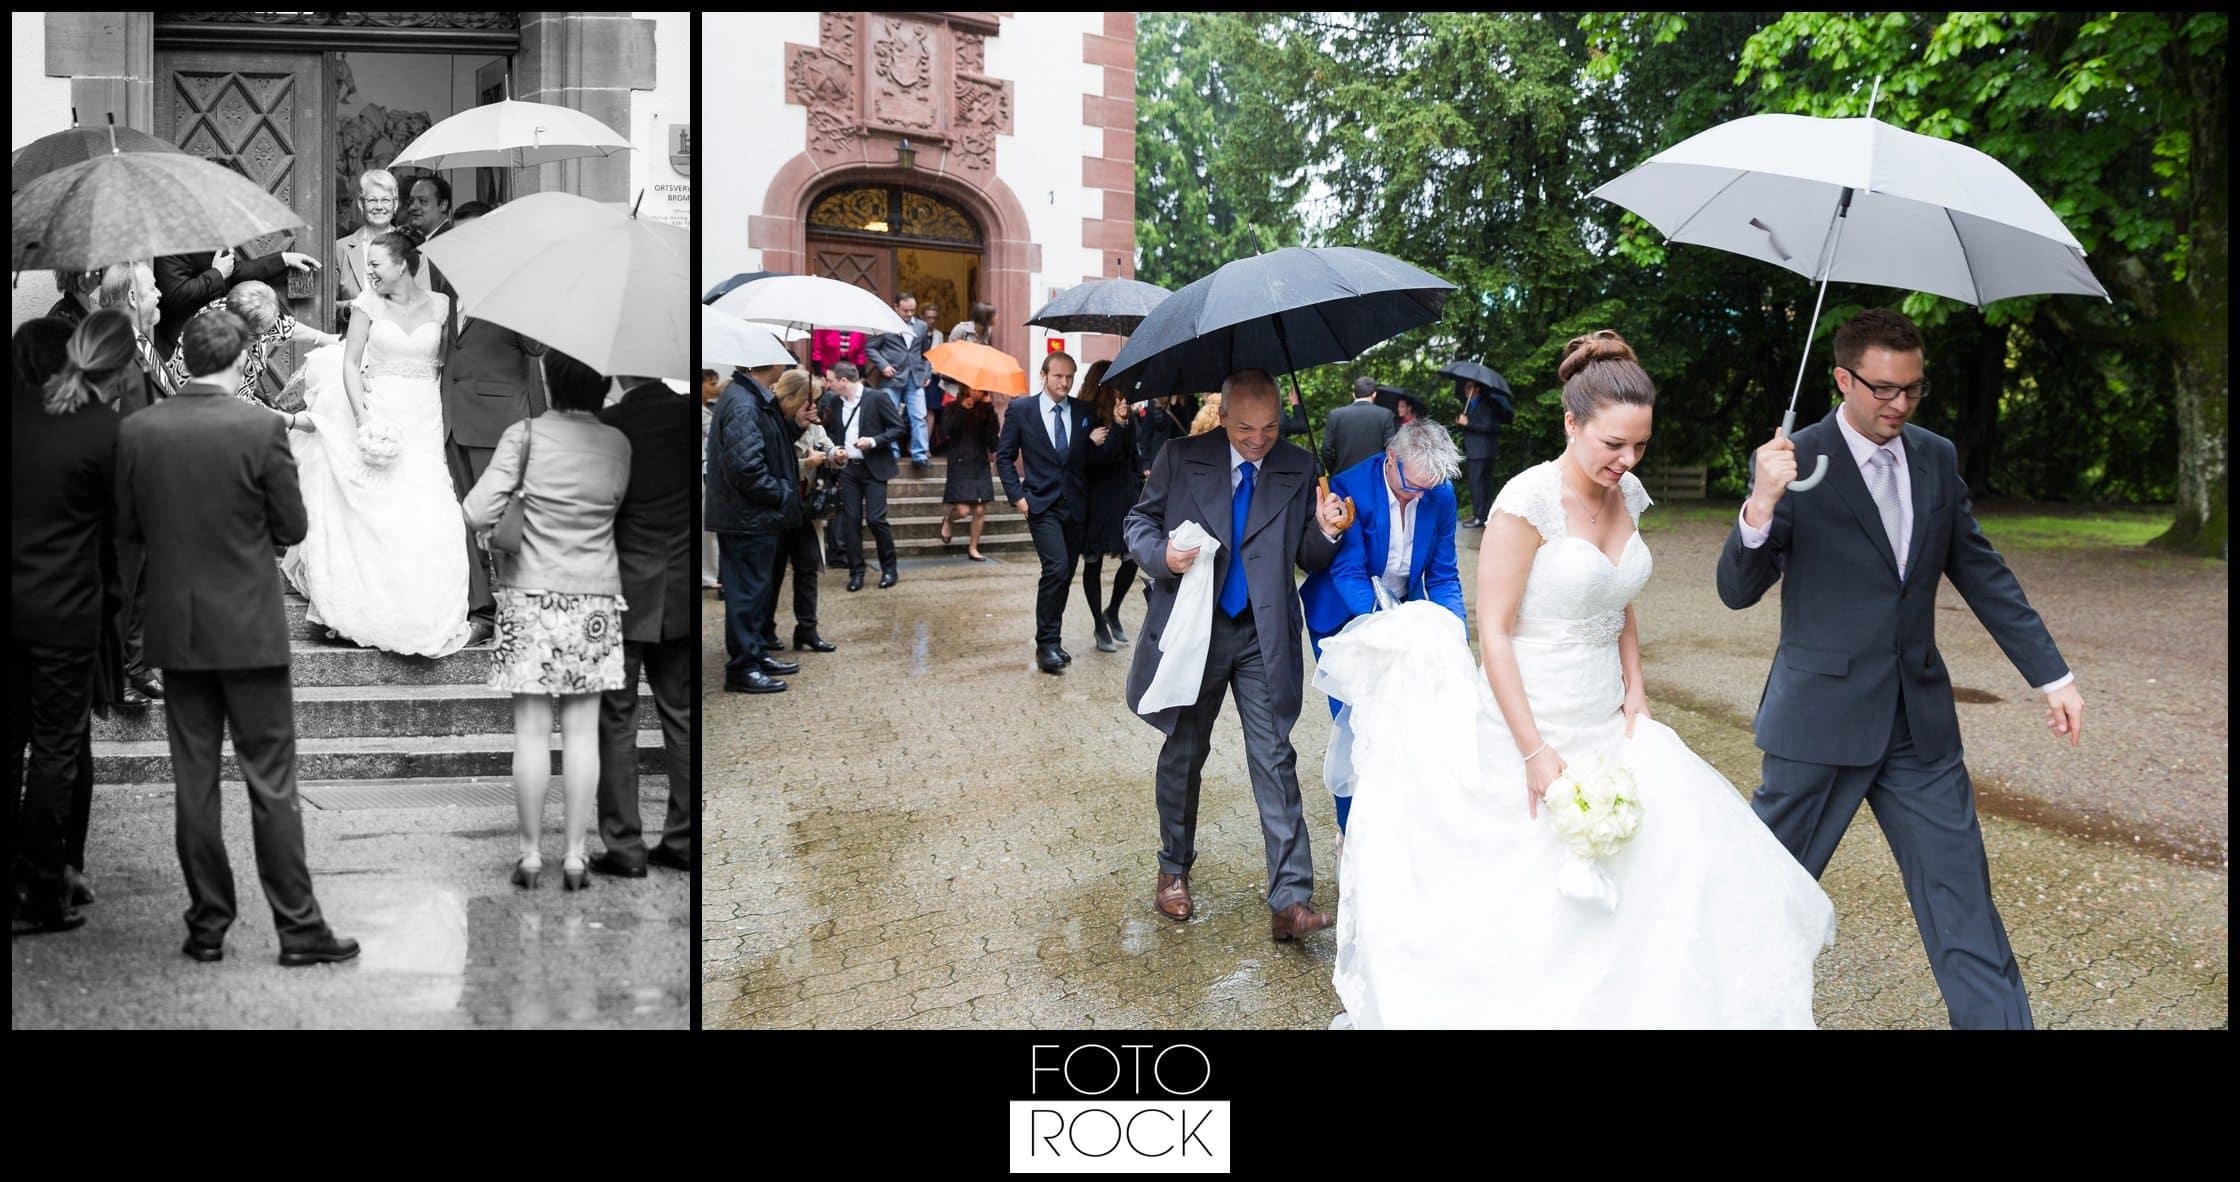 Hochzeit Vitra Design Museum Weil am Rhein Brautpaar Outdoor Regen Schirm